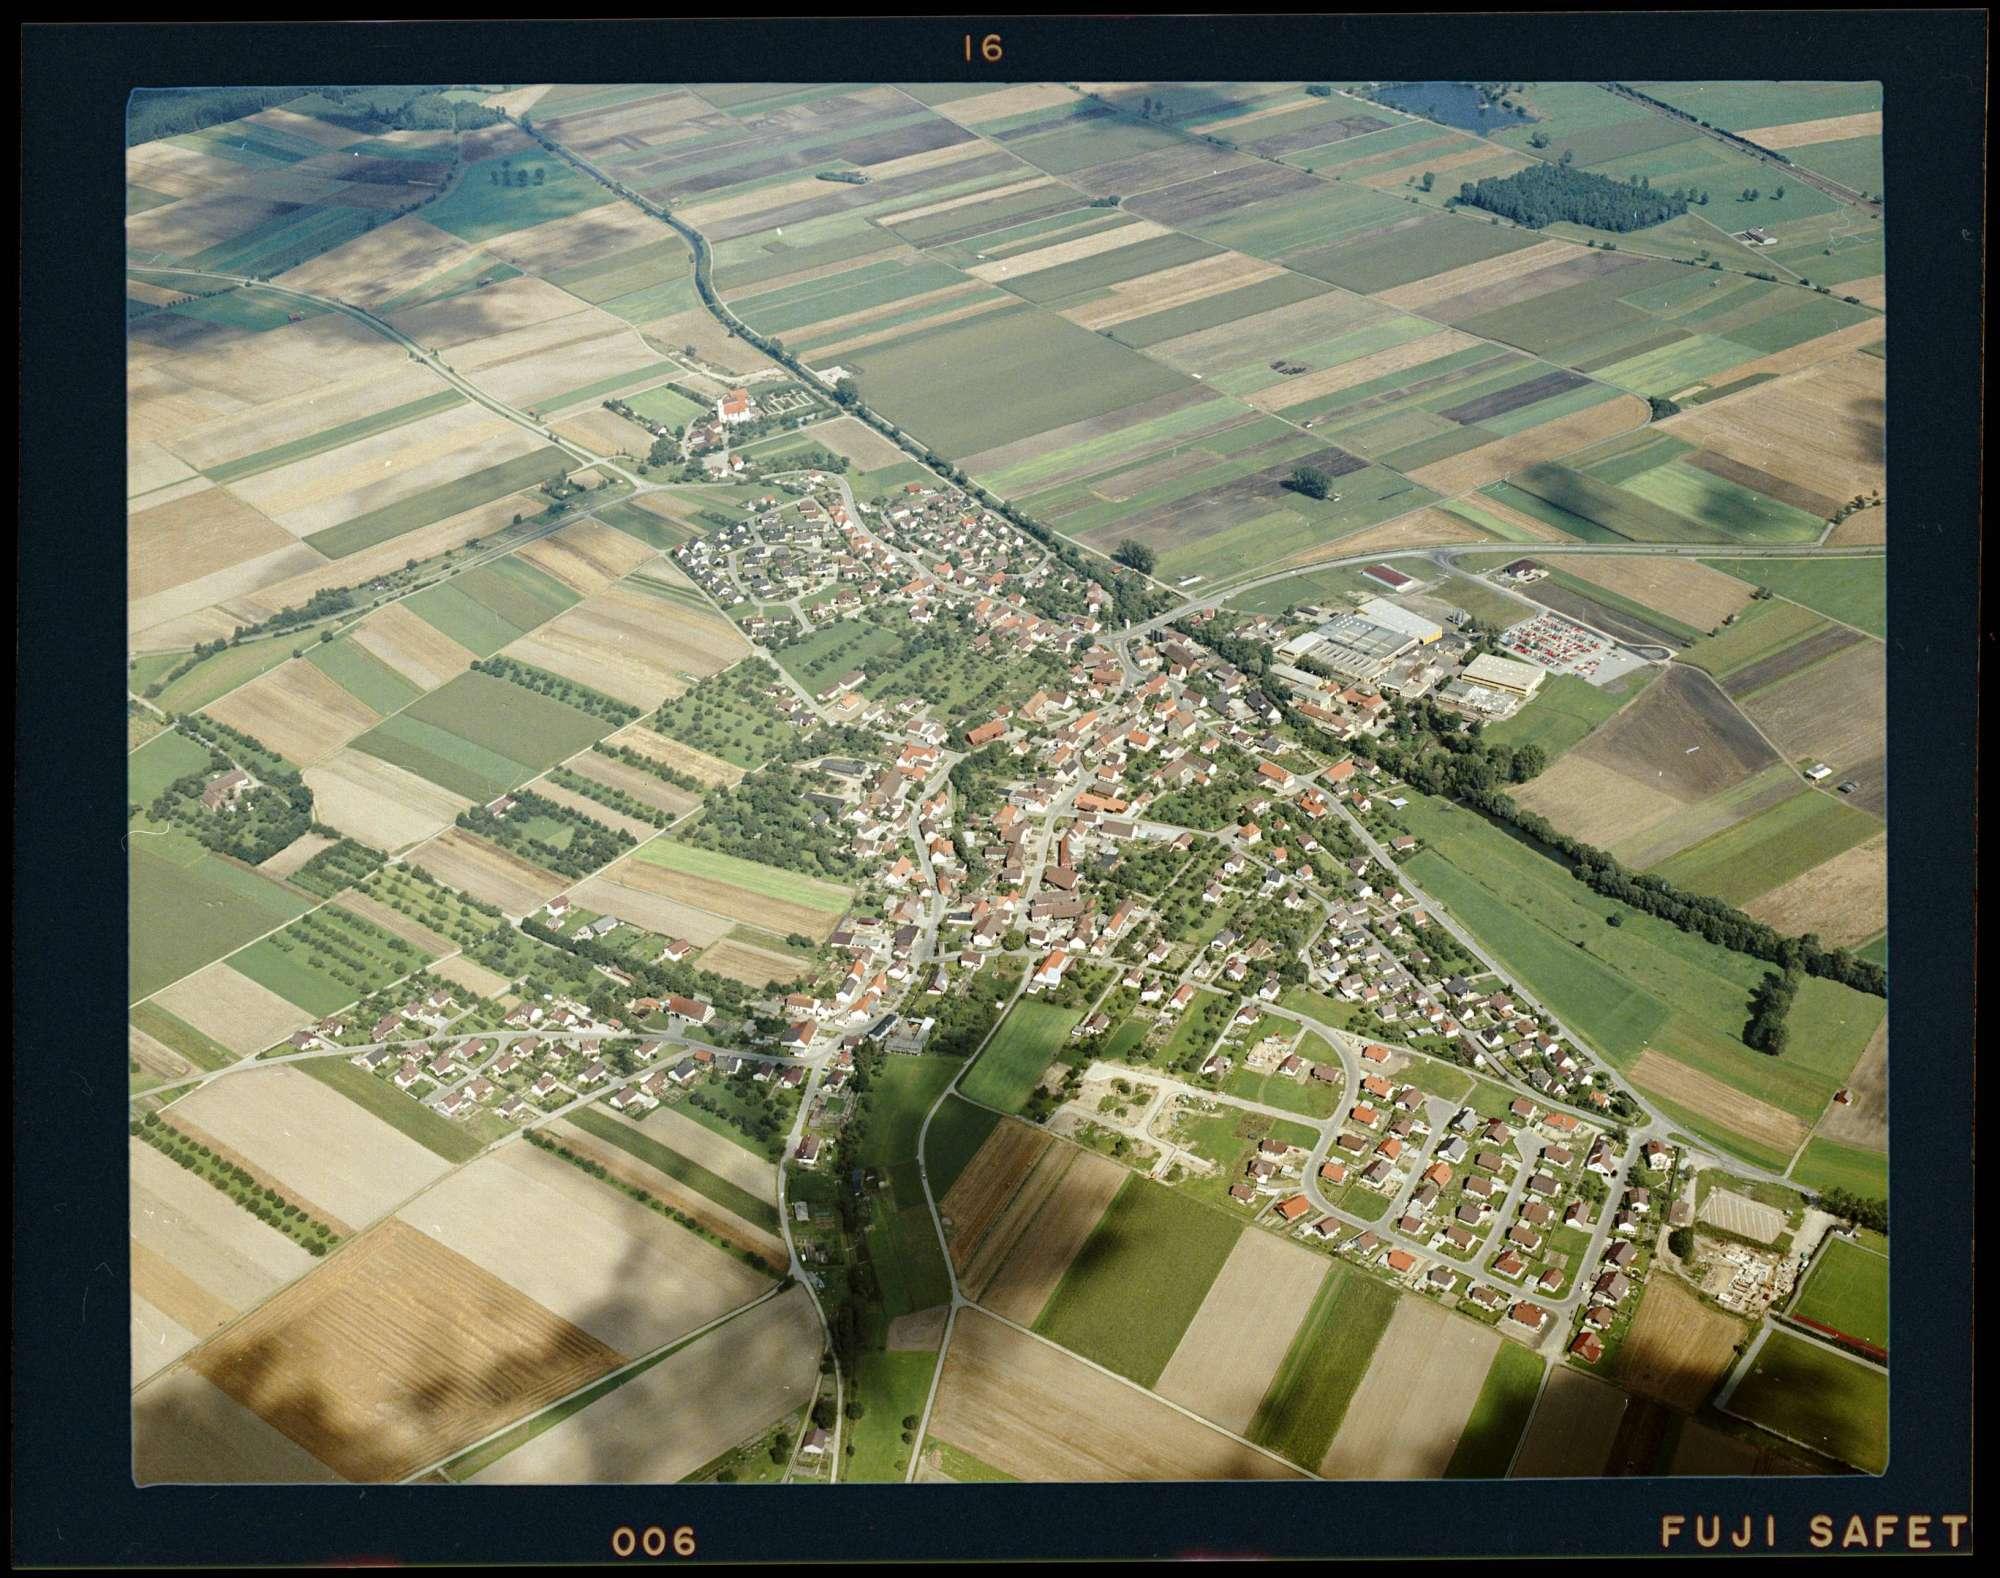 Untersulmetingen, Luftbild, Bild 1